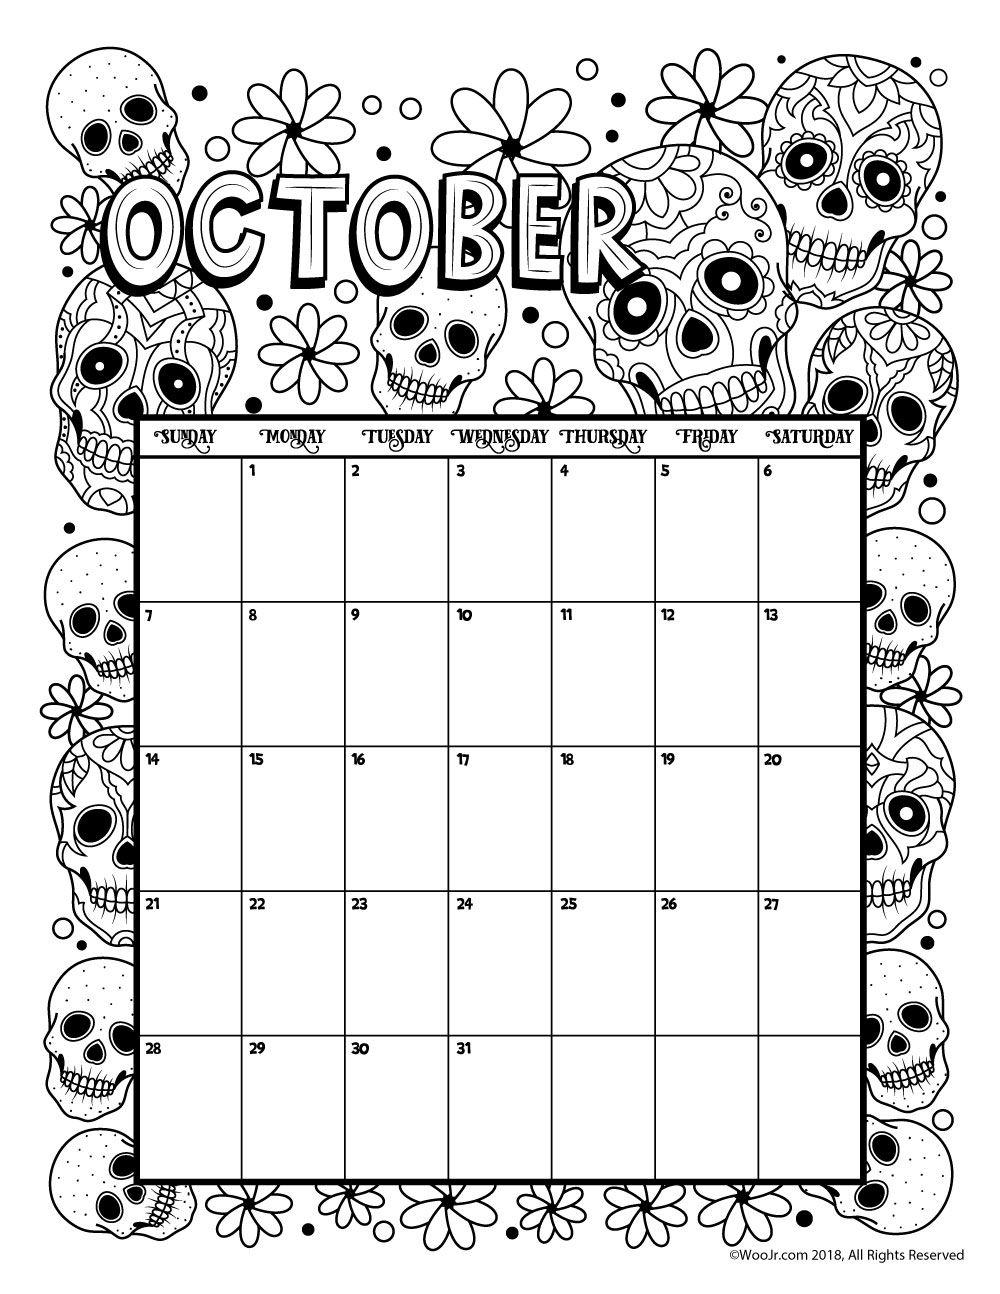 October 2018 Coloring Calendar Page | Сделай Сам | Календарь Для regarding Coloring Pages October Calendar 2019 Adults